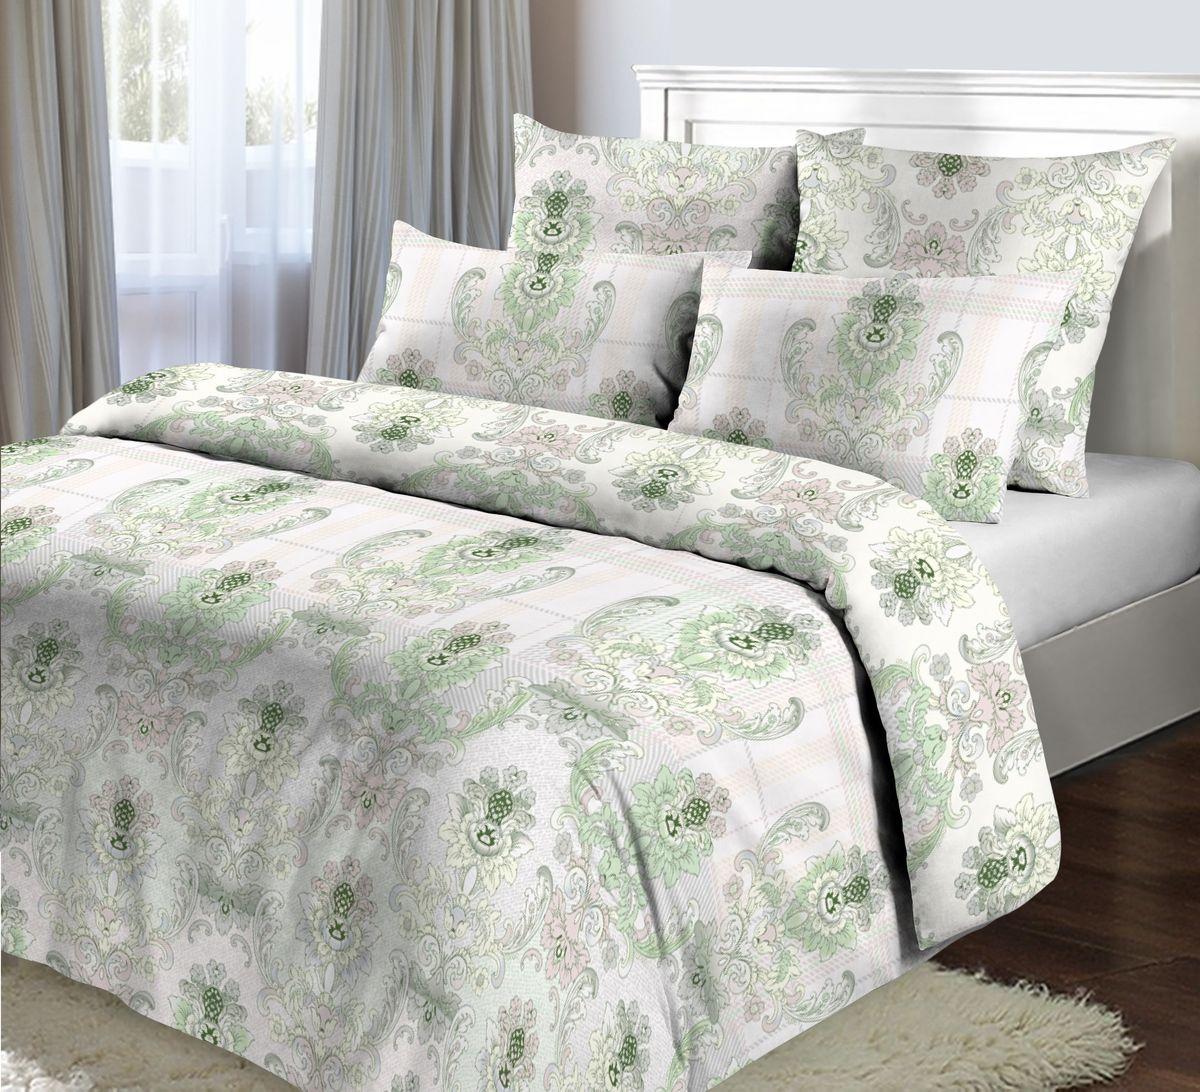 Комплект белья Коллекция Рафаэль-1, 2,5-спальный, наволочки 70х70ОБК-2,5/70 4281.5